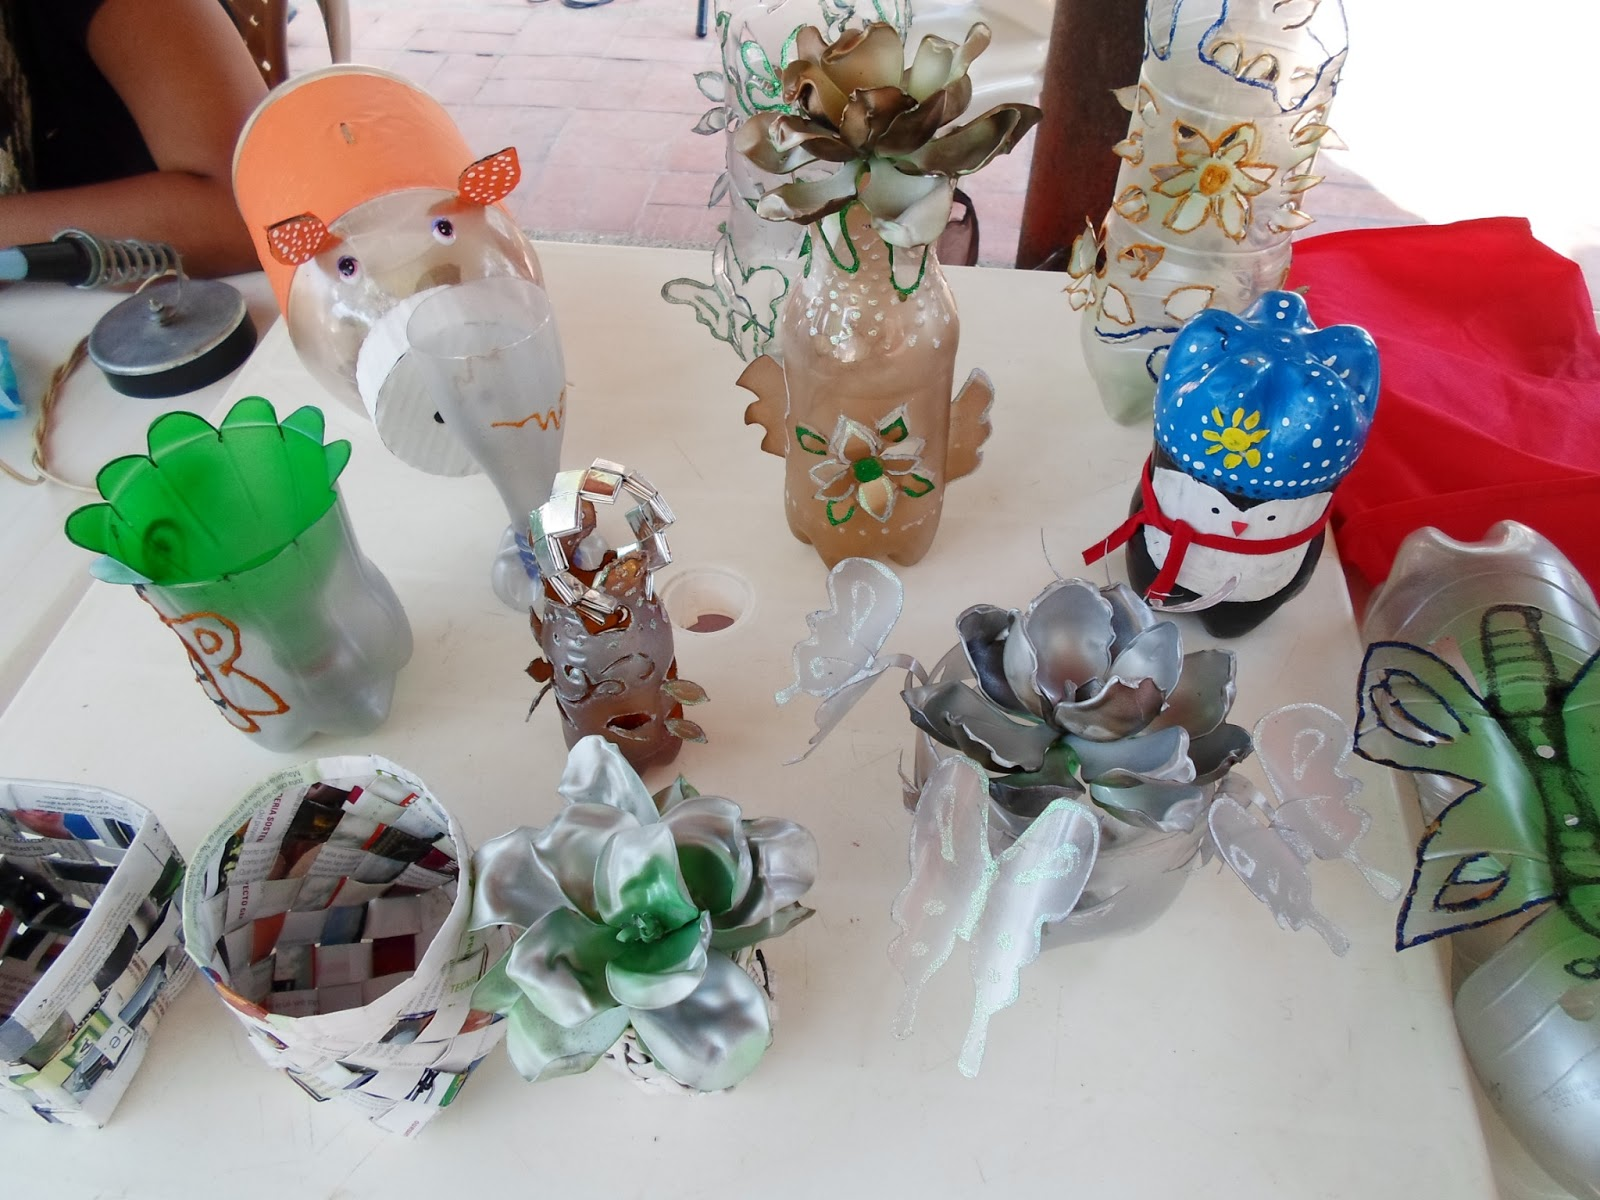 Objetos Hechos Con Material Reciclable Imagui